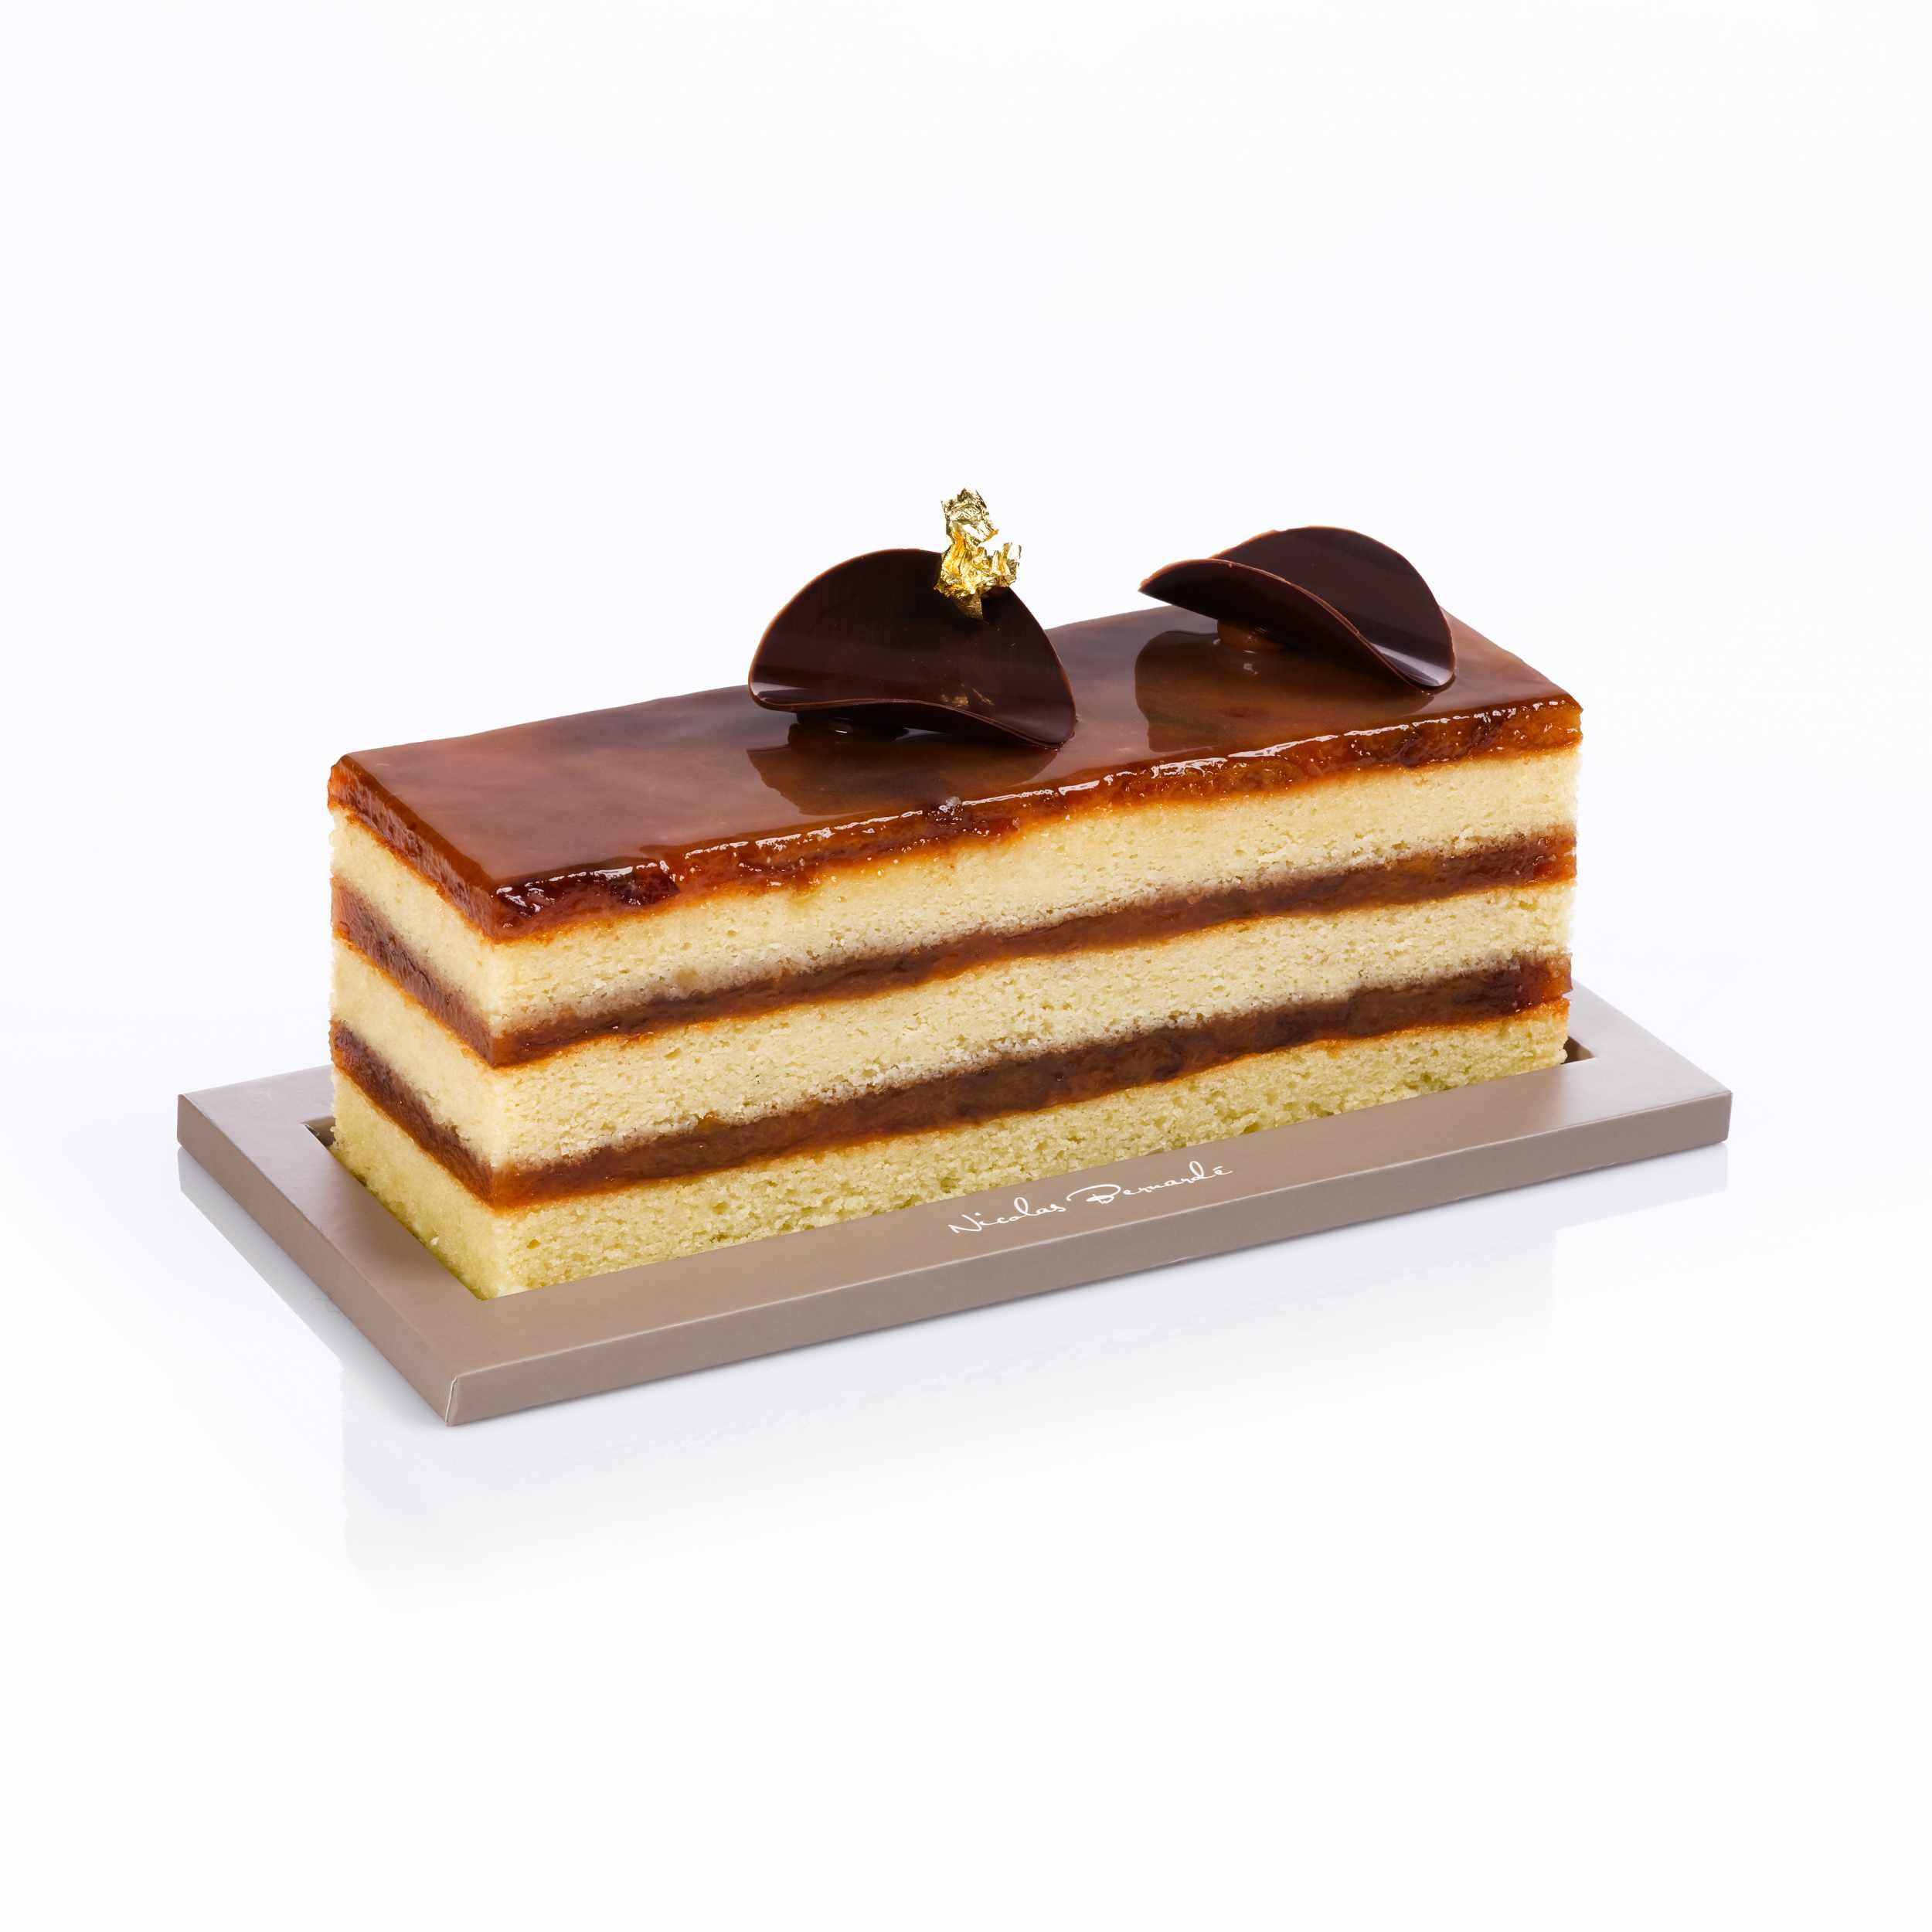 cake-prune.jpg